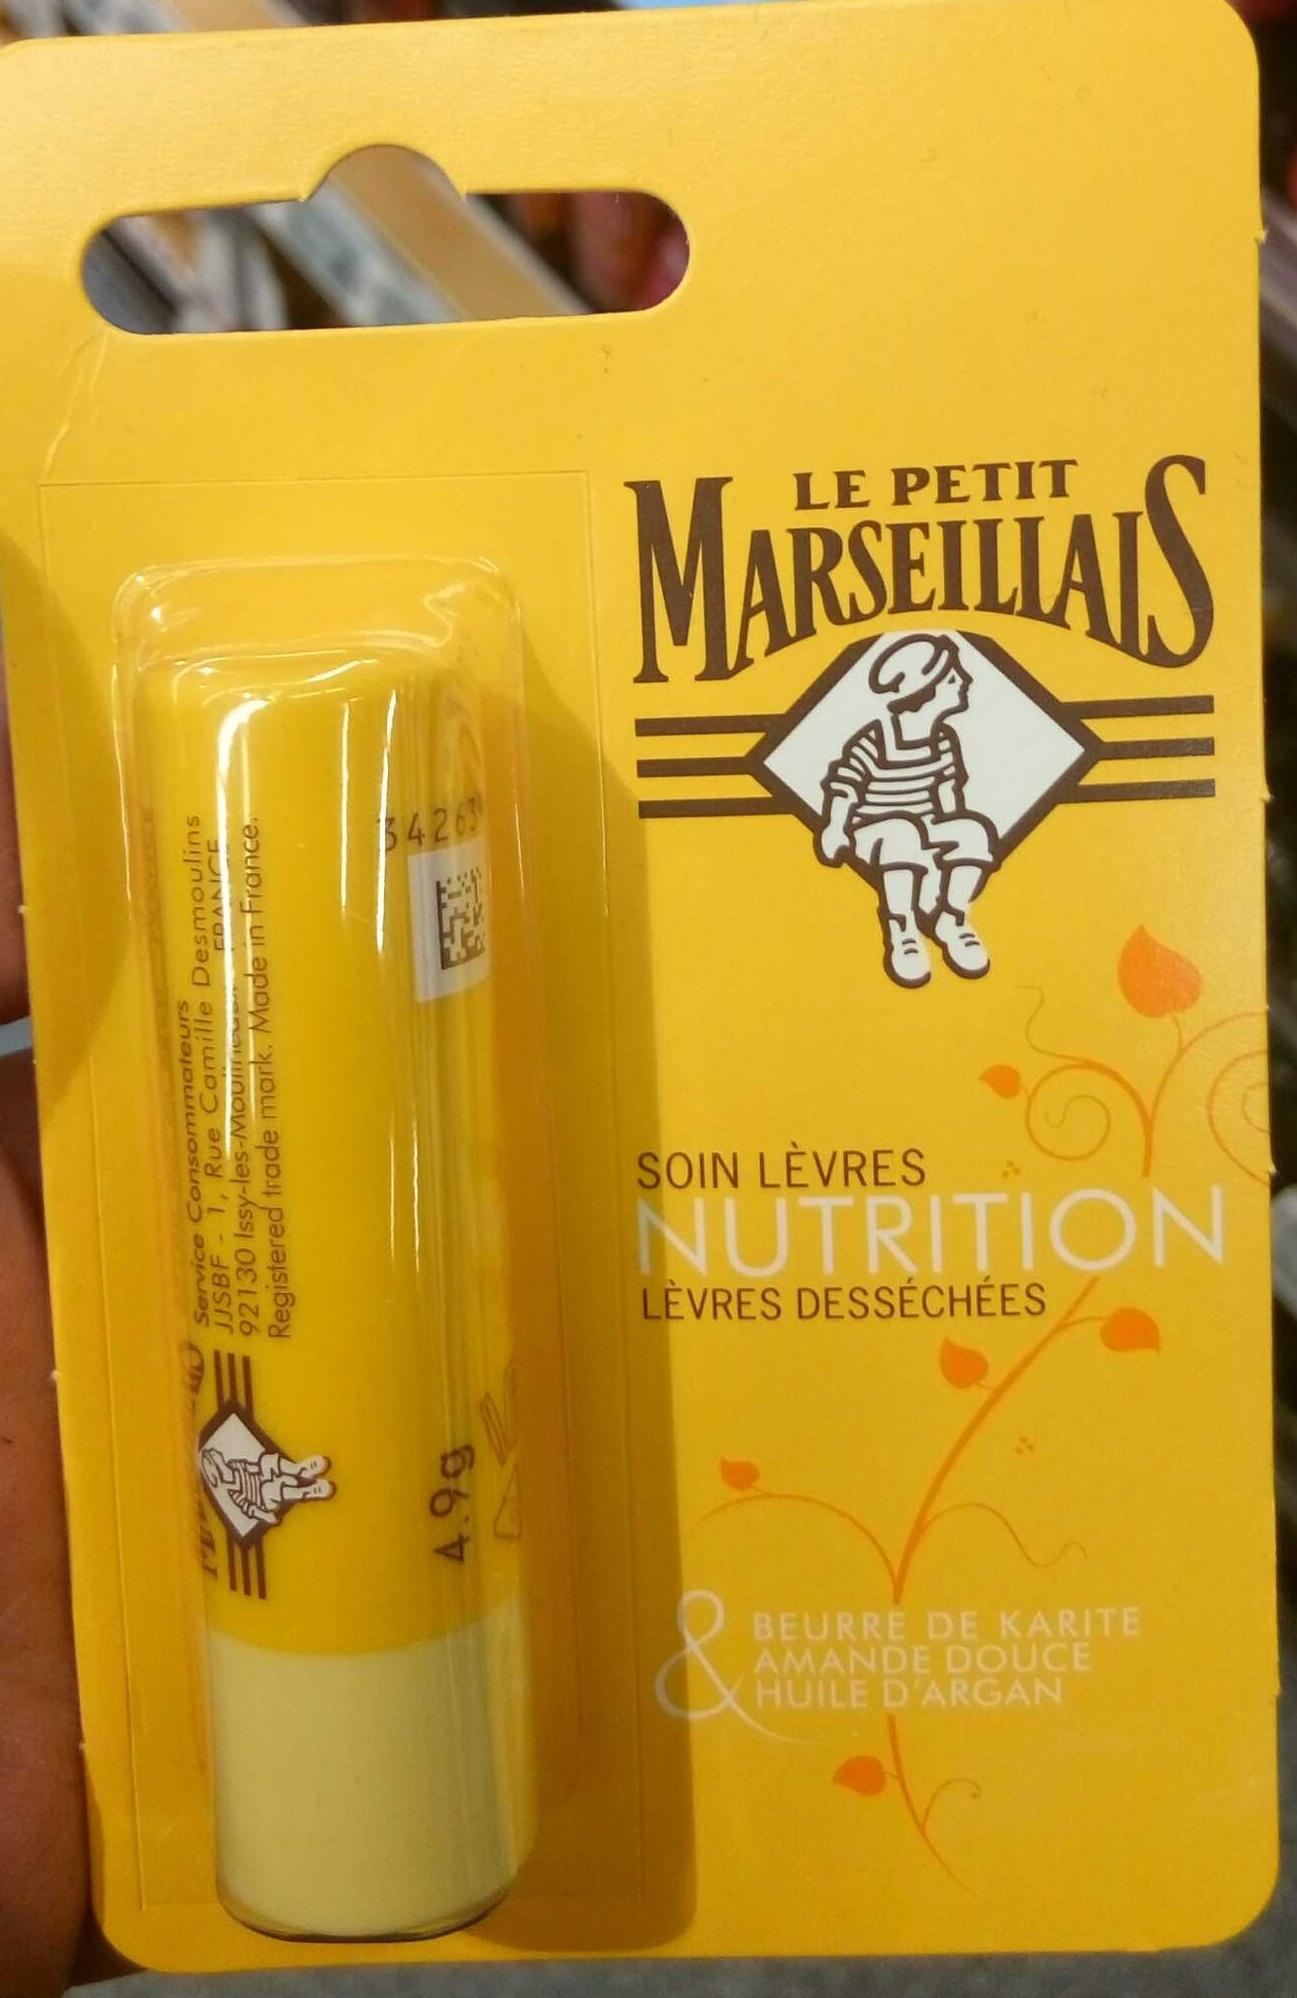 Soin Lèvres Nutrition - Produit - fr